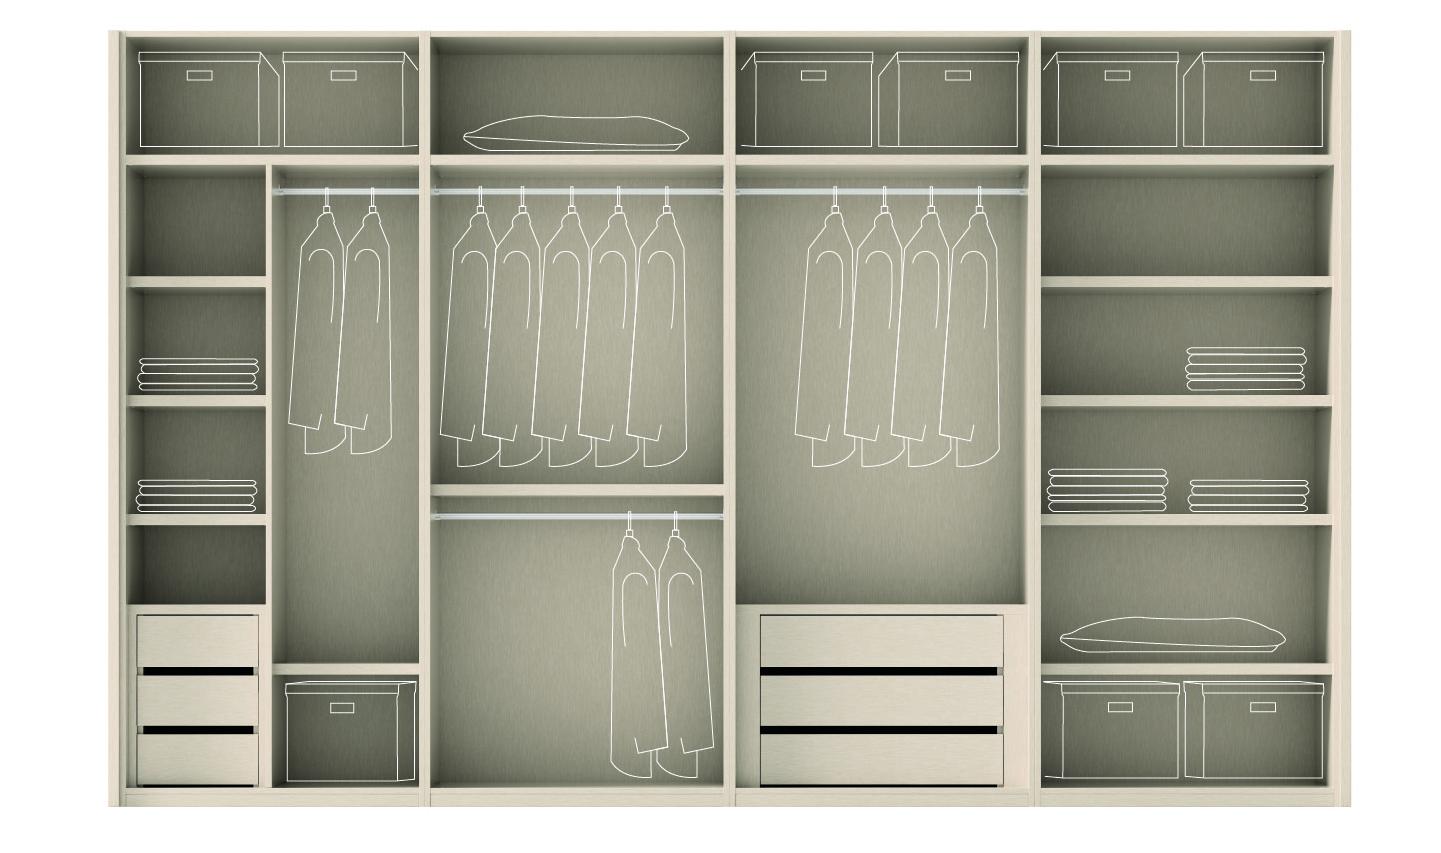 Muebles ros armarios interiores y almacenaje - Armarios para almacenaje ...